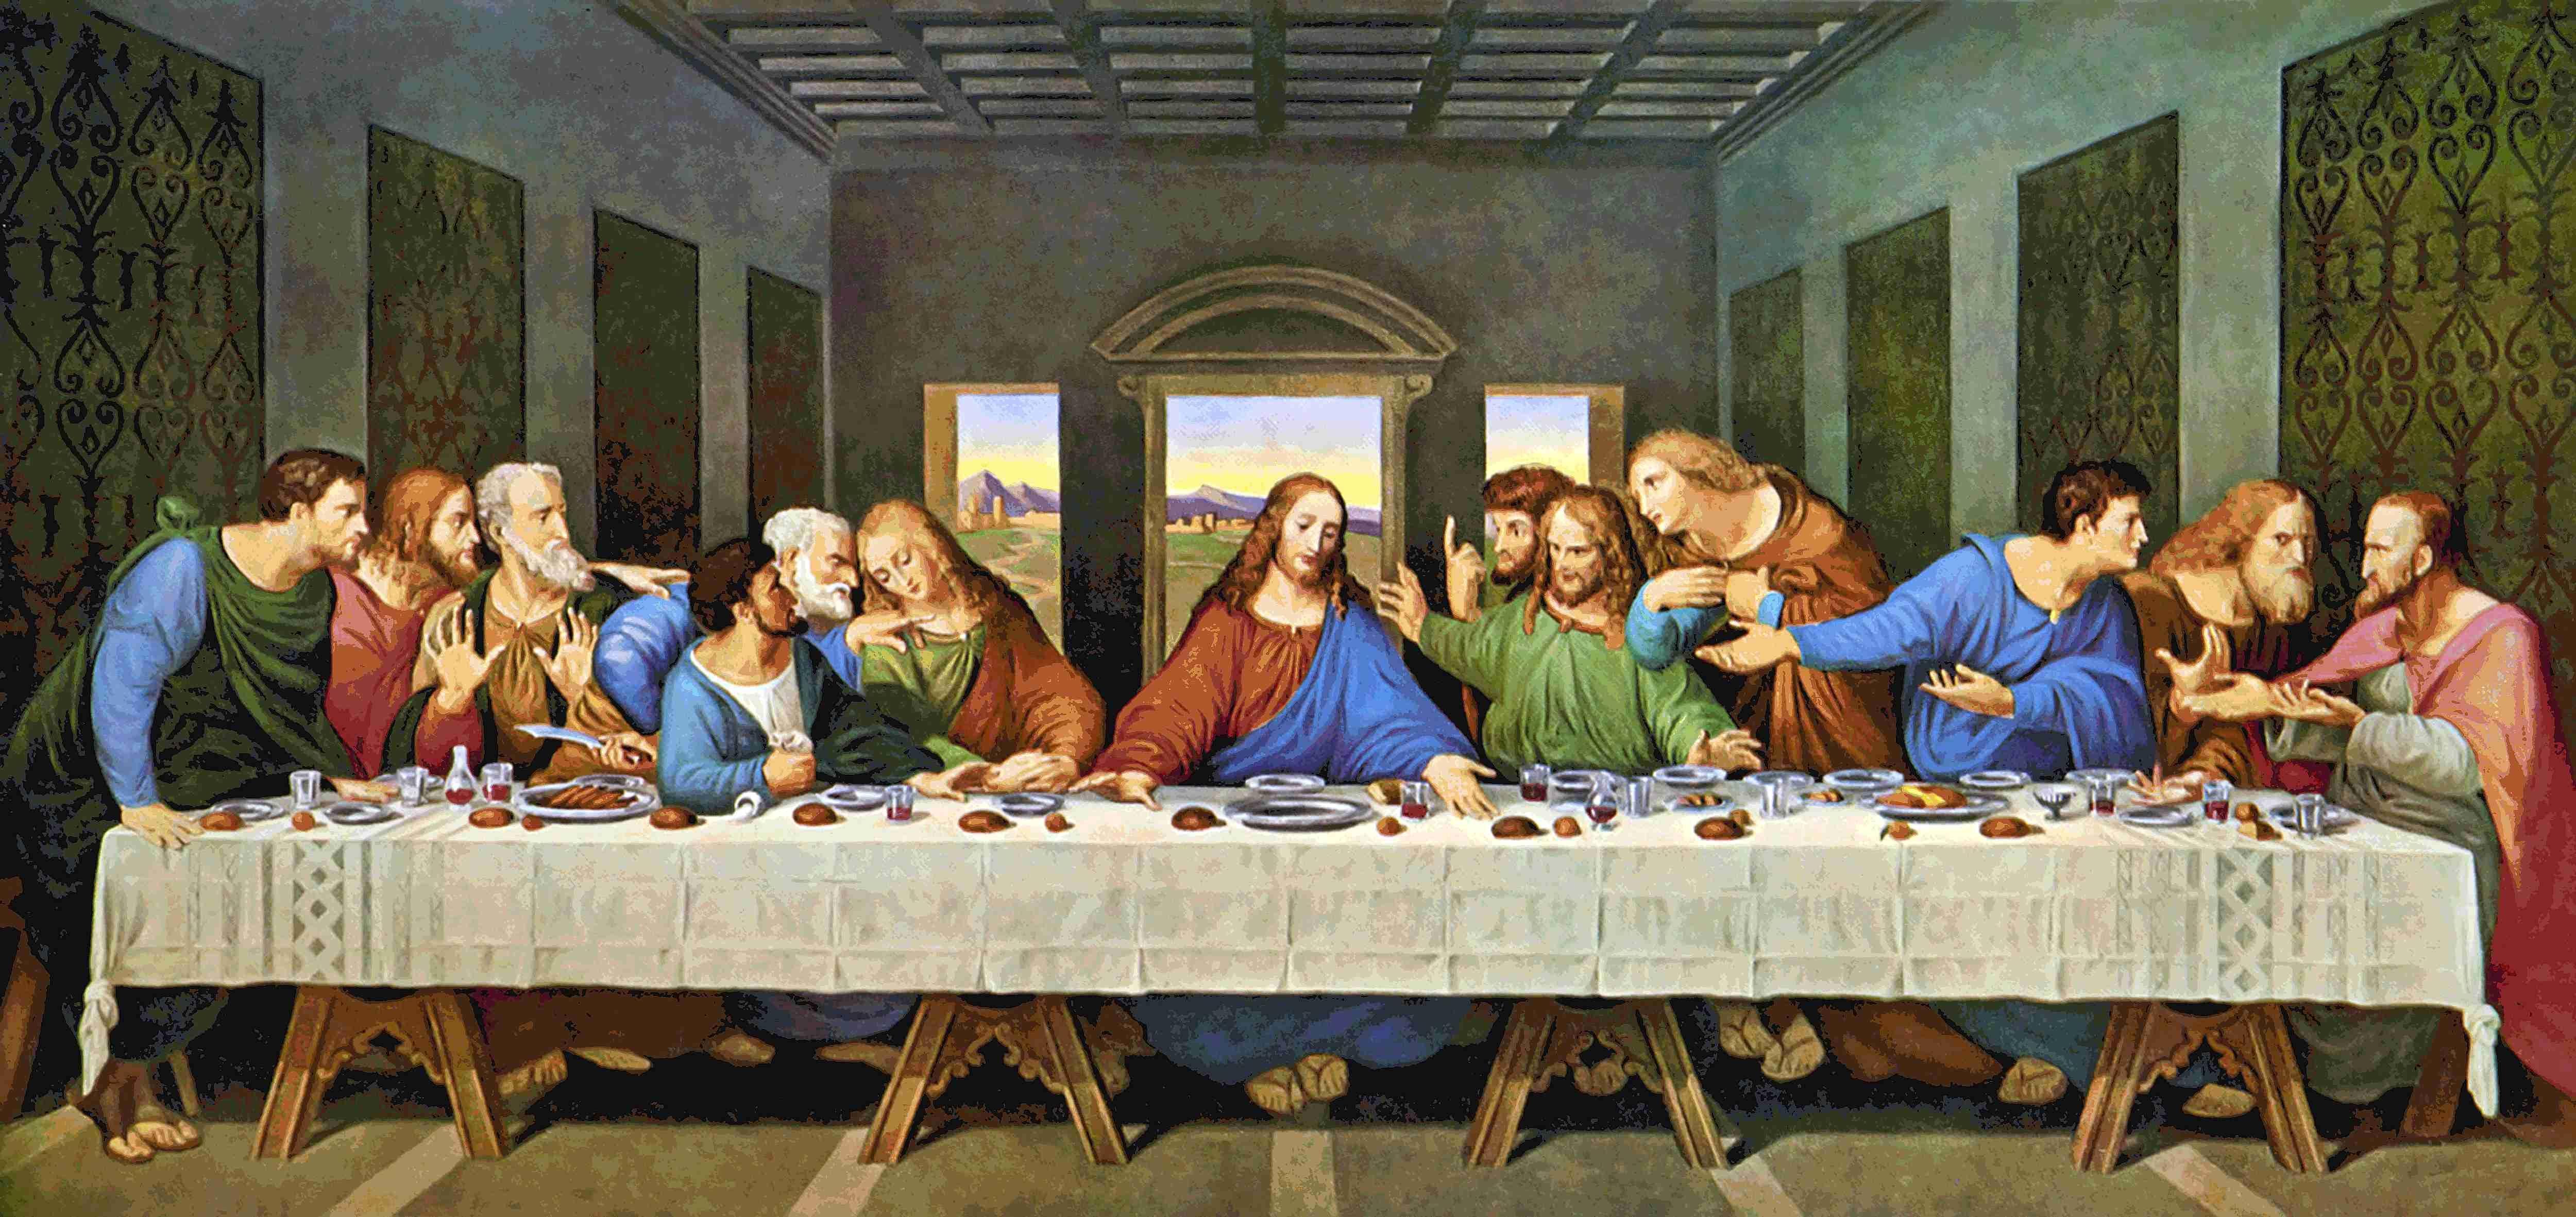 última Cena Cuadro De La última Cena La Ultima Cena Ultima Cena De Jesus